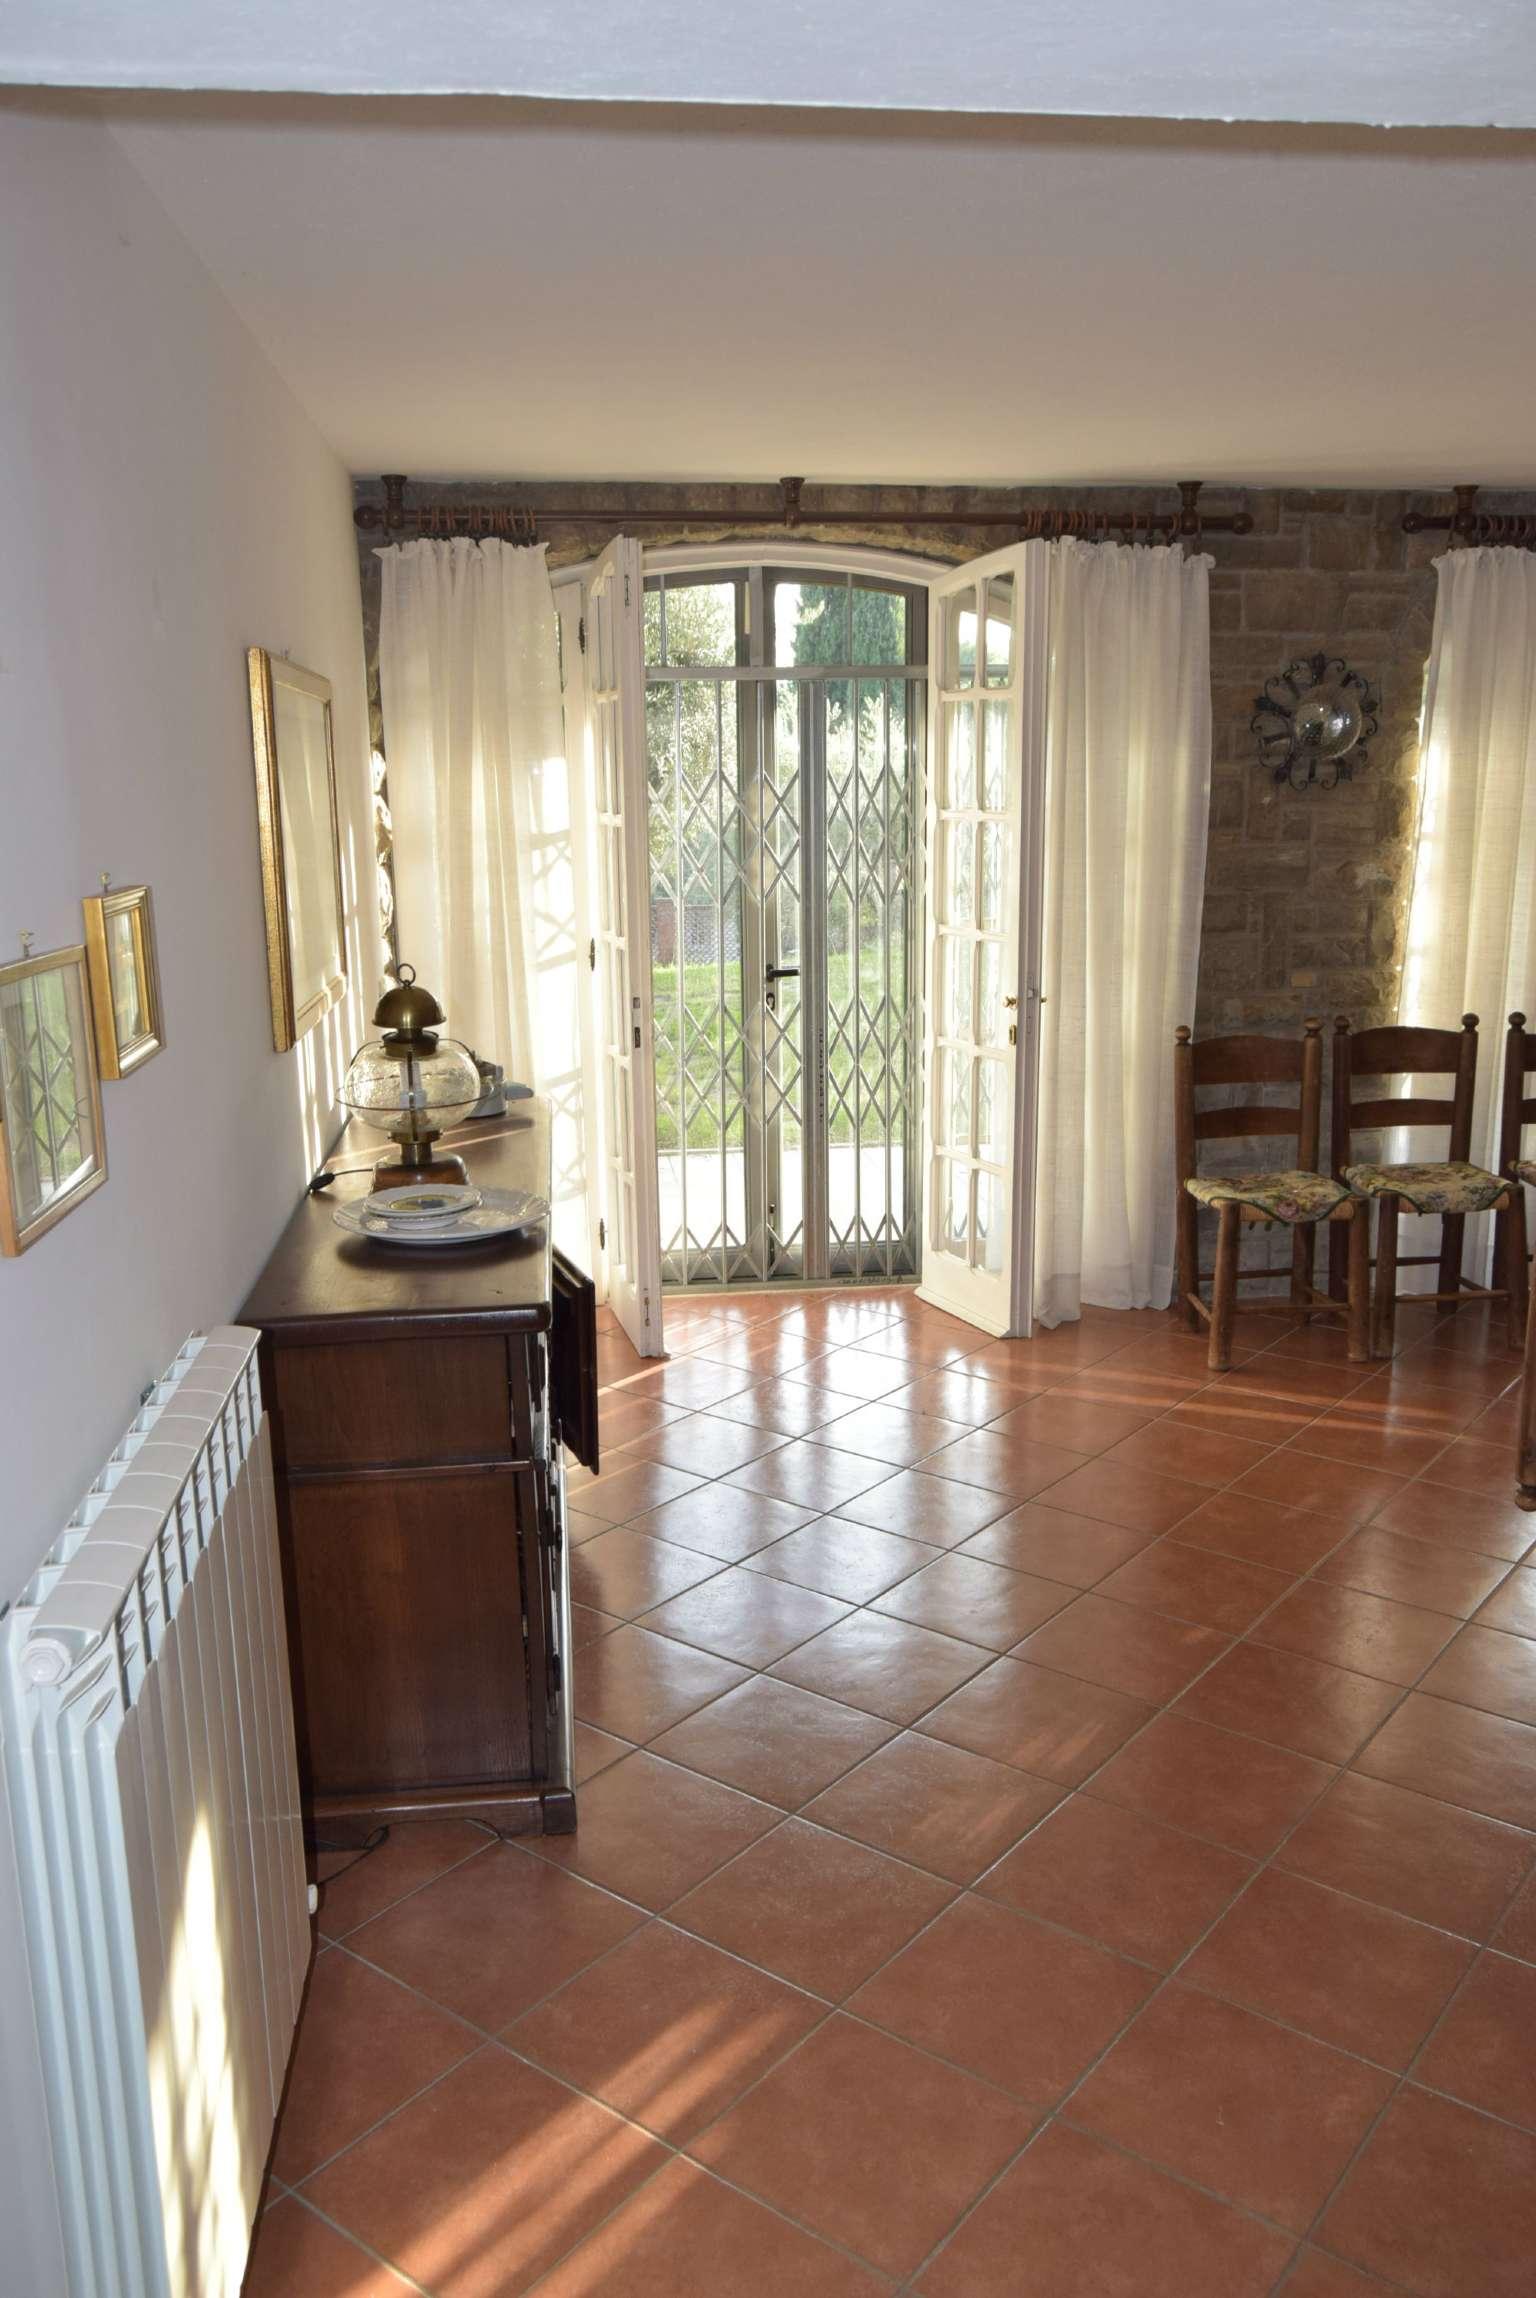 Villa in vendita a Perugia, 15 locali, prezzo € 440.000 | CambioCasa.it